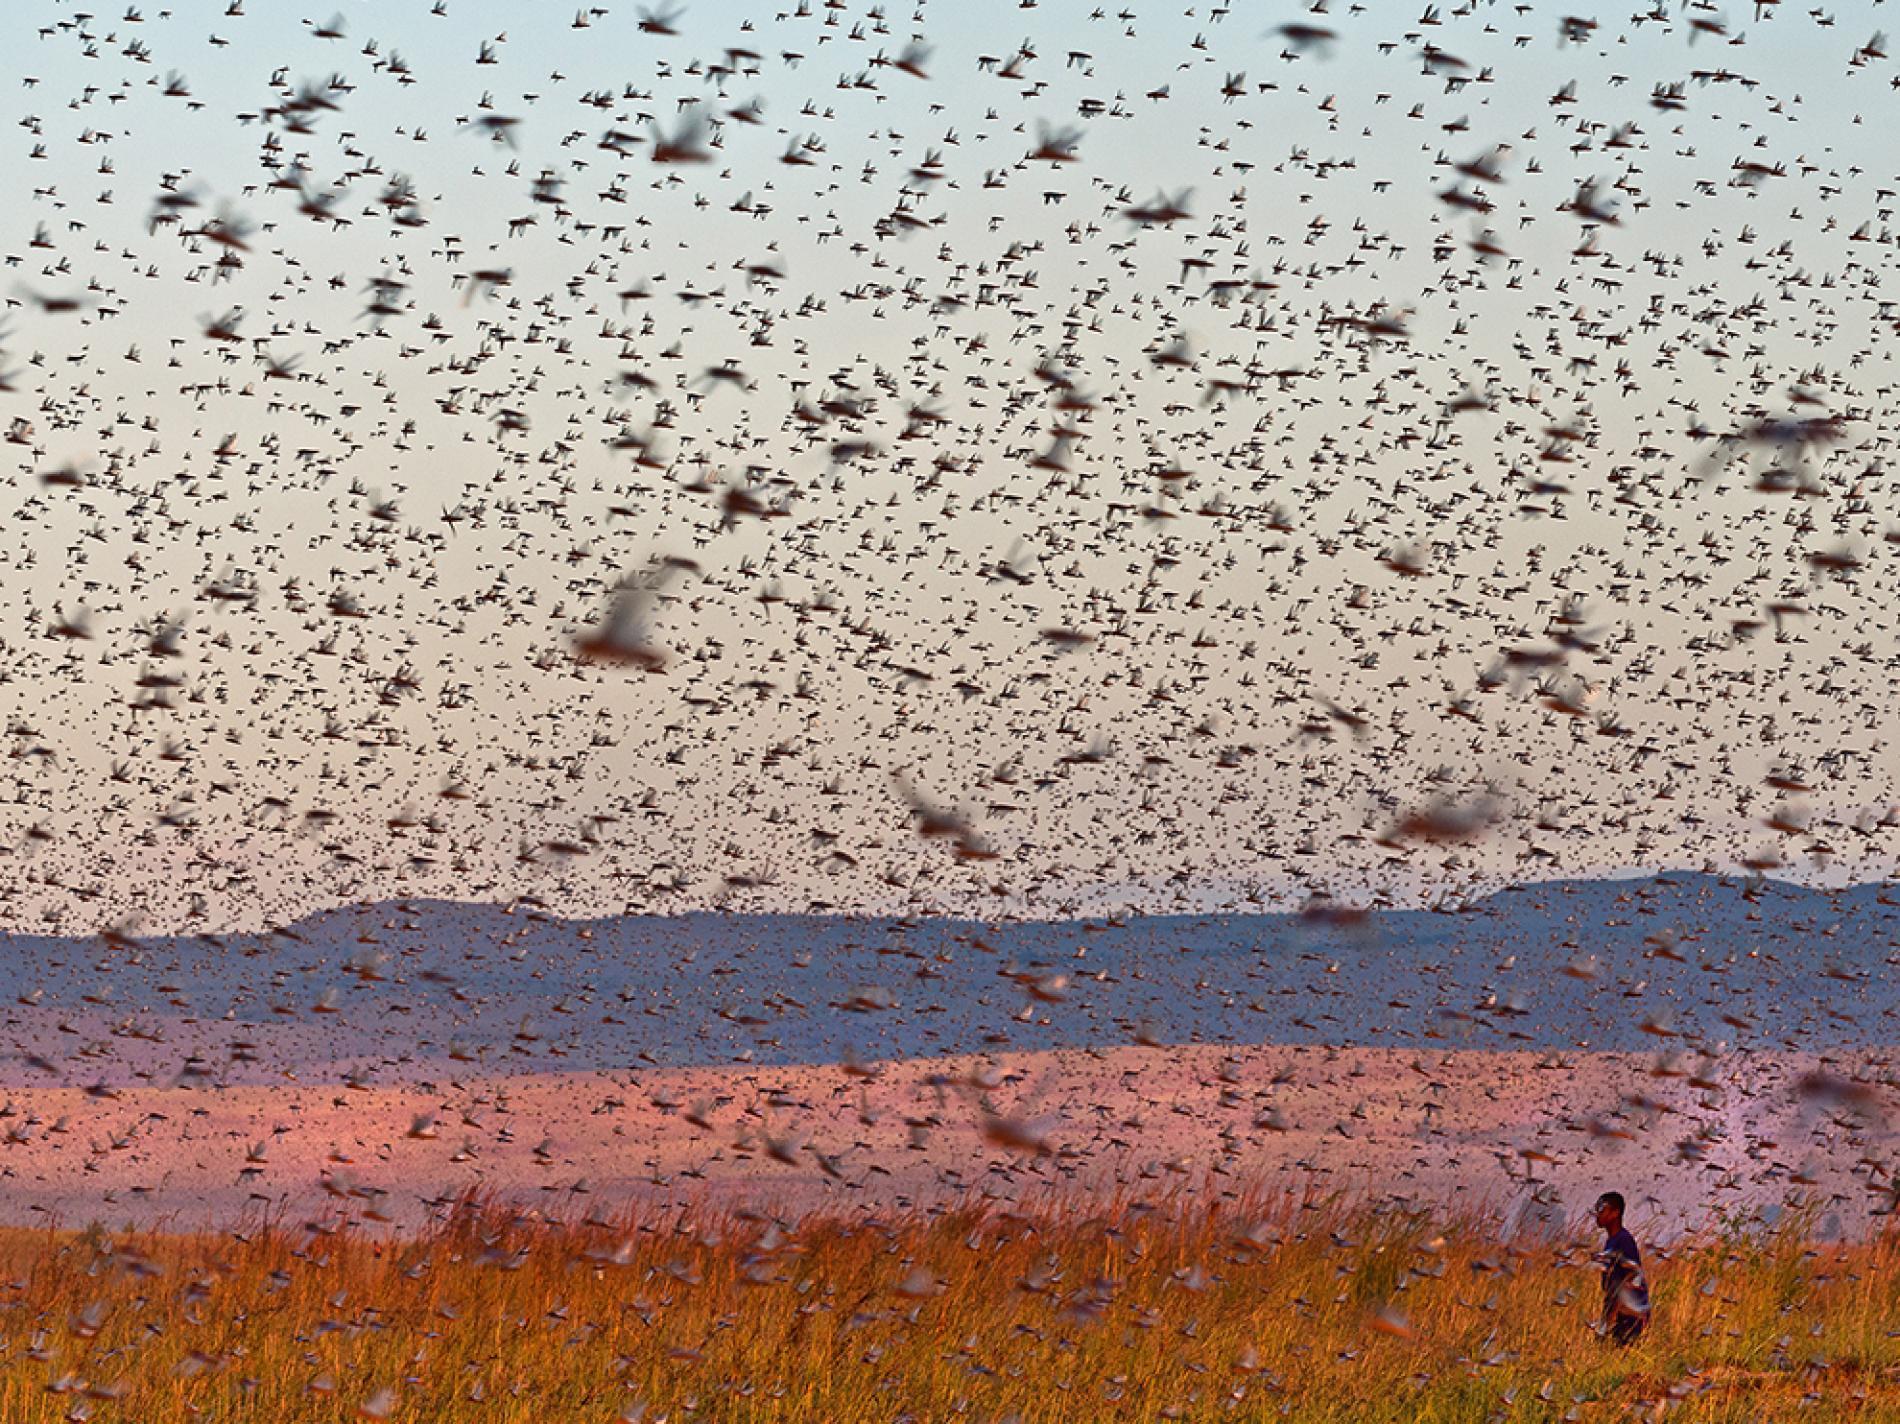 Locust invasion concerns people of Karachi